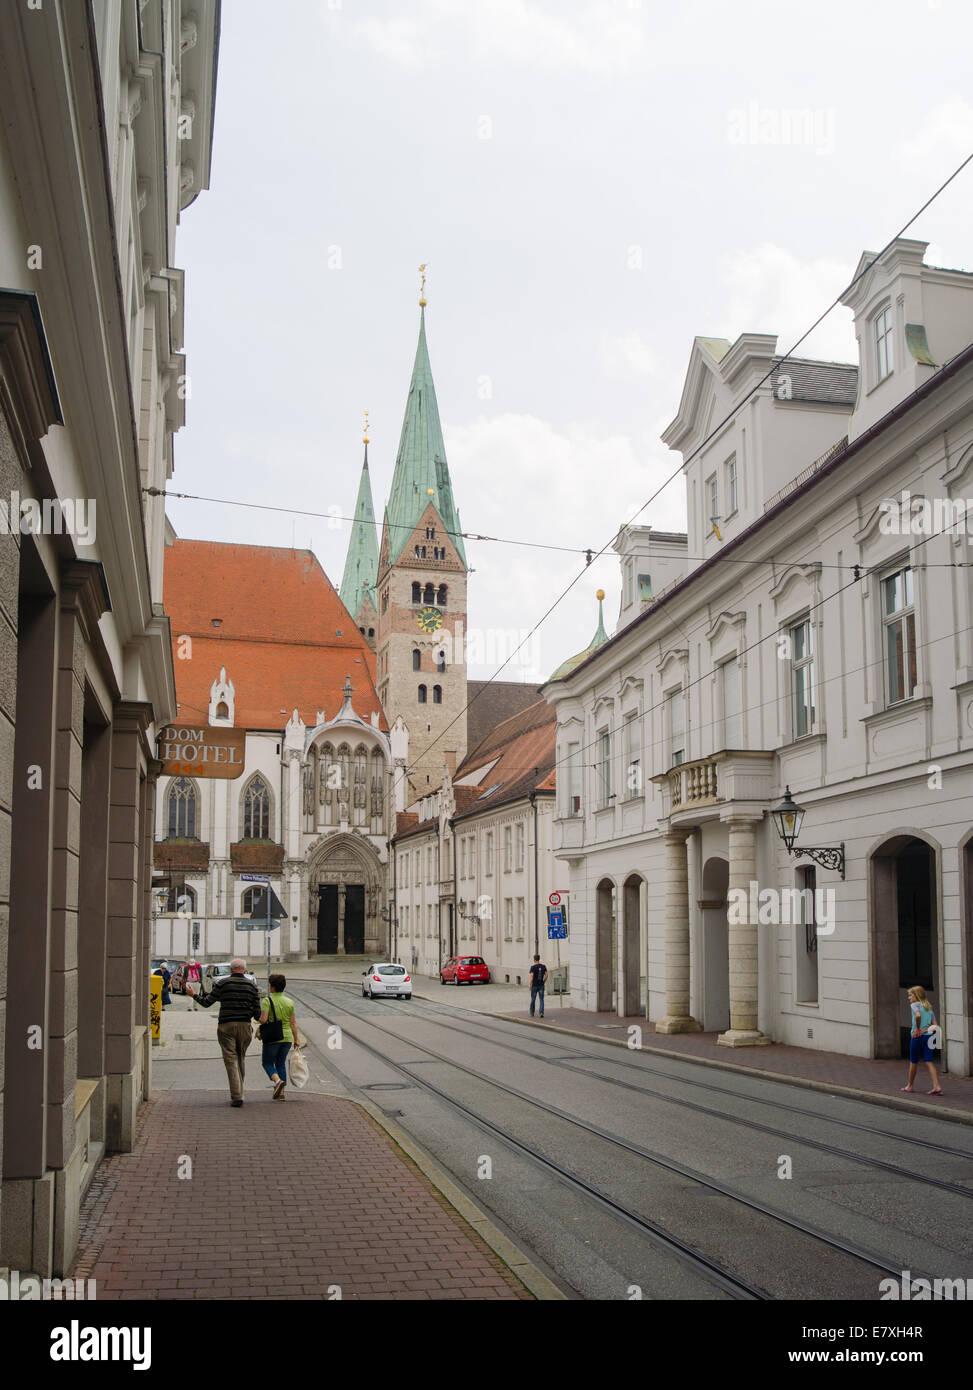 Wandern entlang Frauentorstrasse, Augsburg, Bayern, Deutschland, mit Blick auf die Kuppel von St. Maria-Kirche. Stockbild